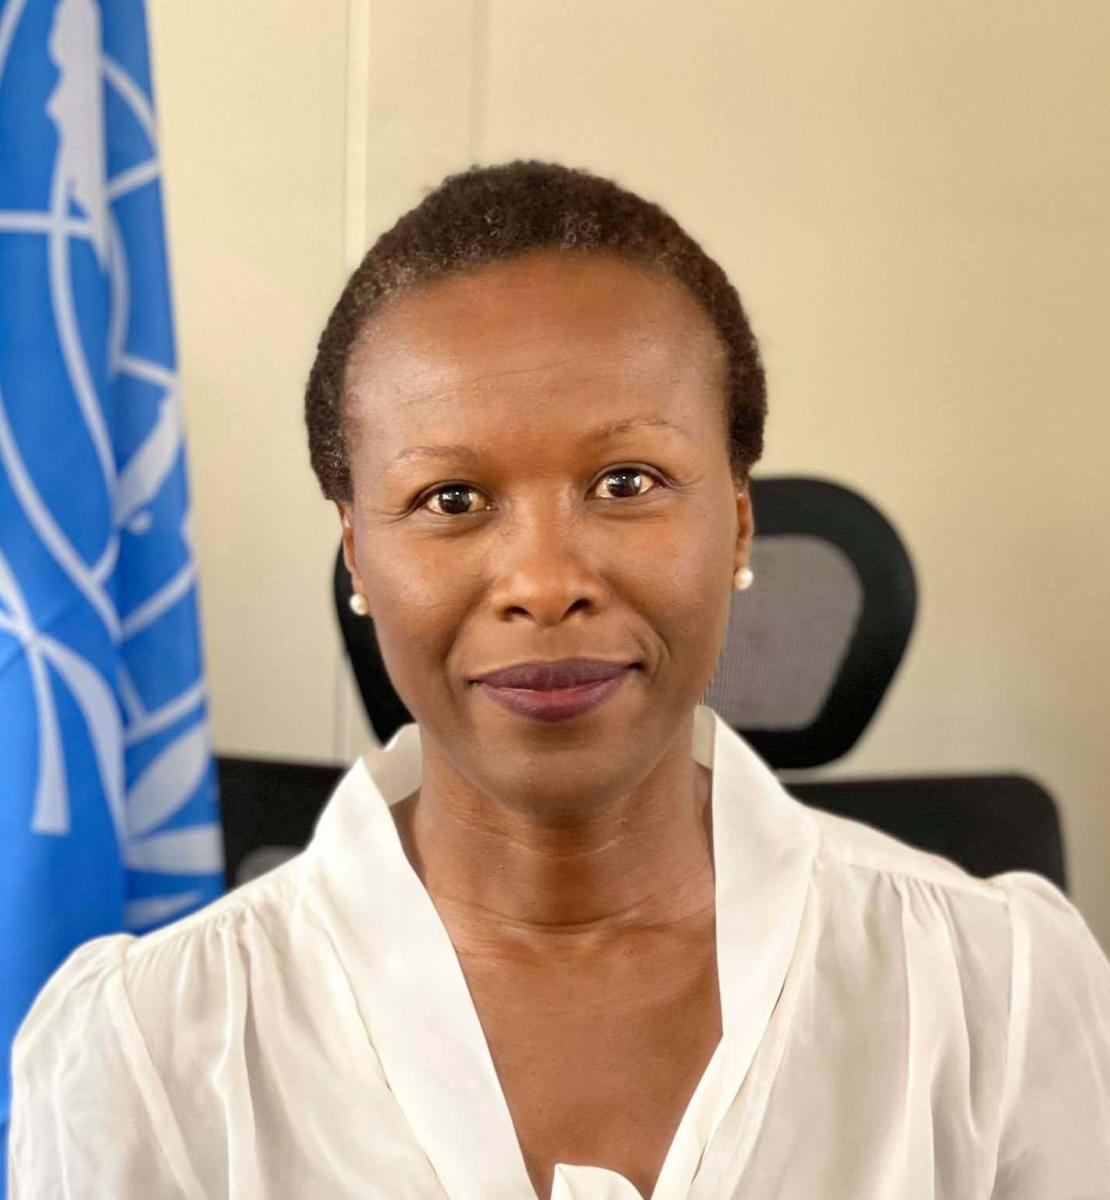 新任命的乌干达驻地协调员苏珊·恩贡吉-纳蒙多的官方照片。